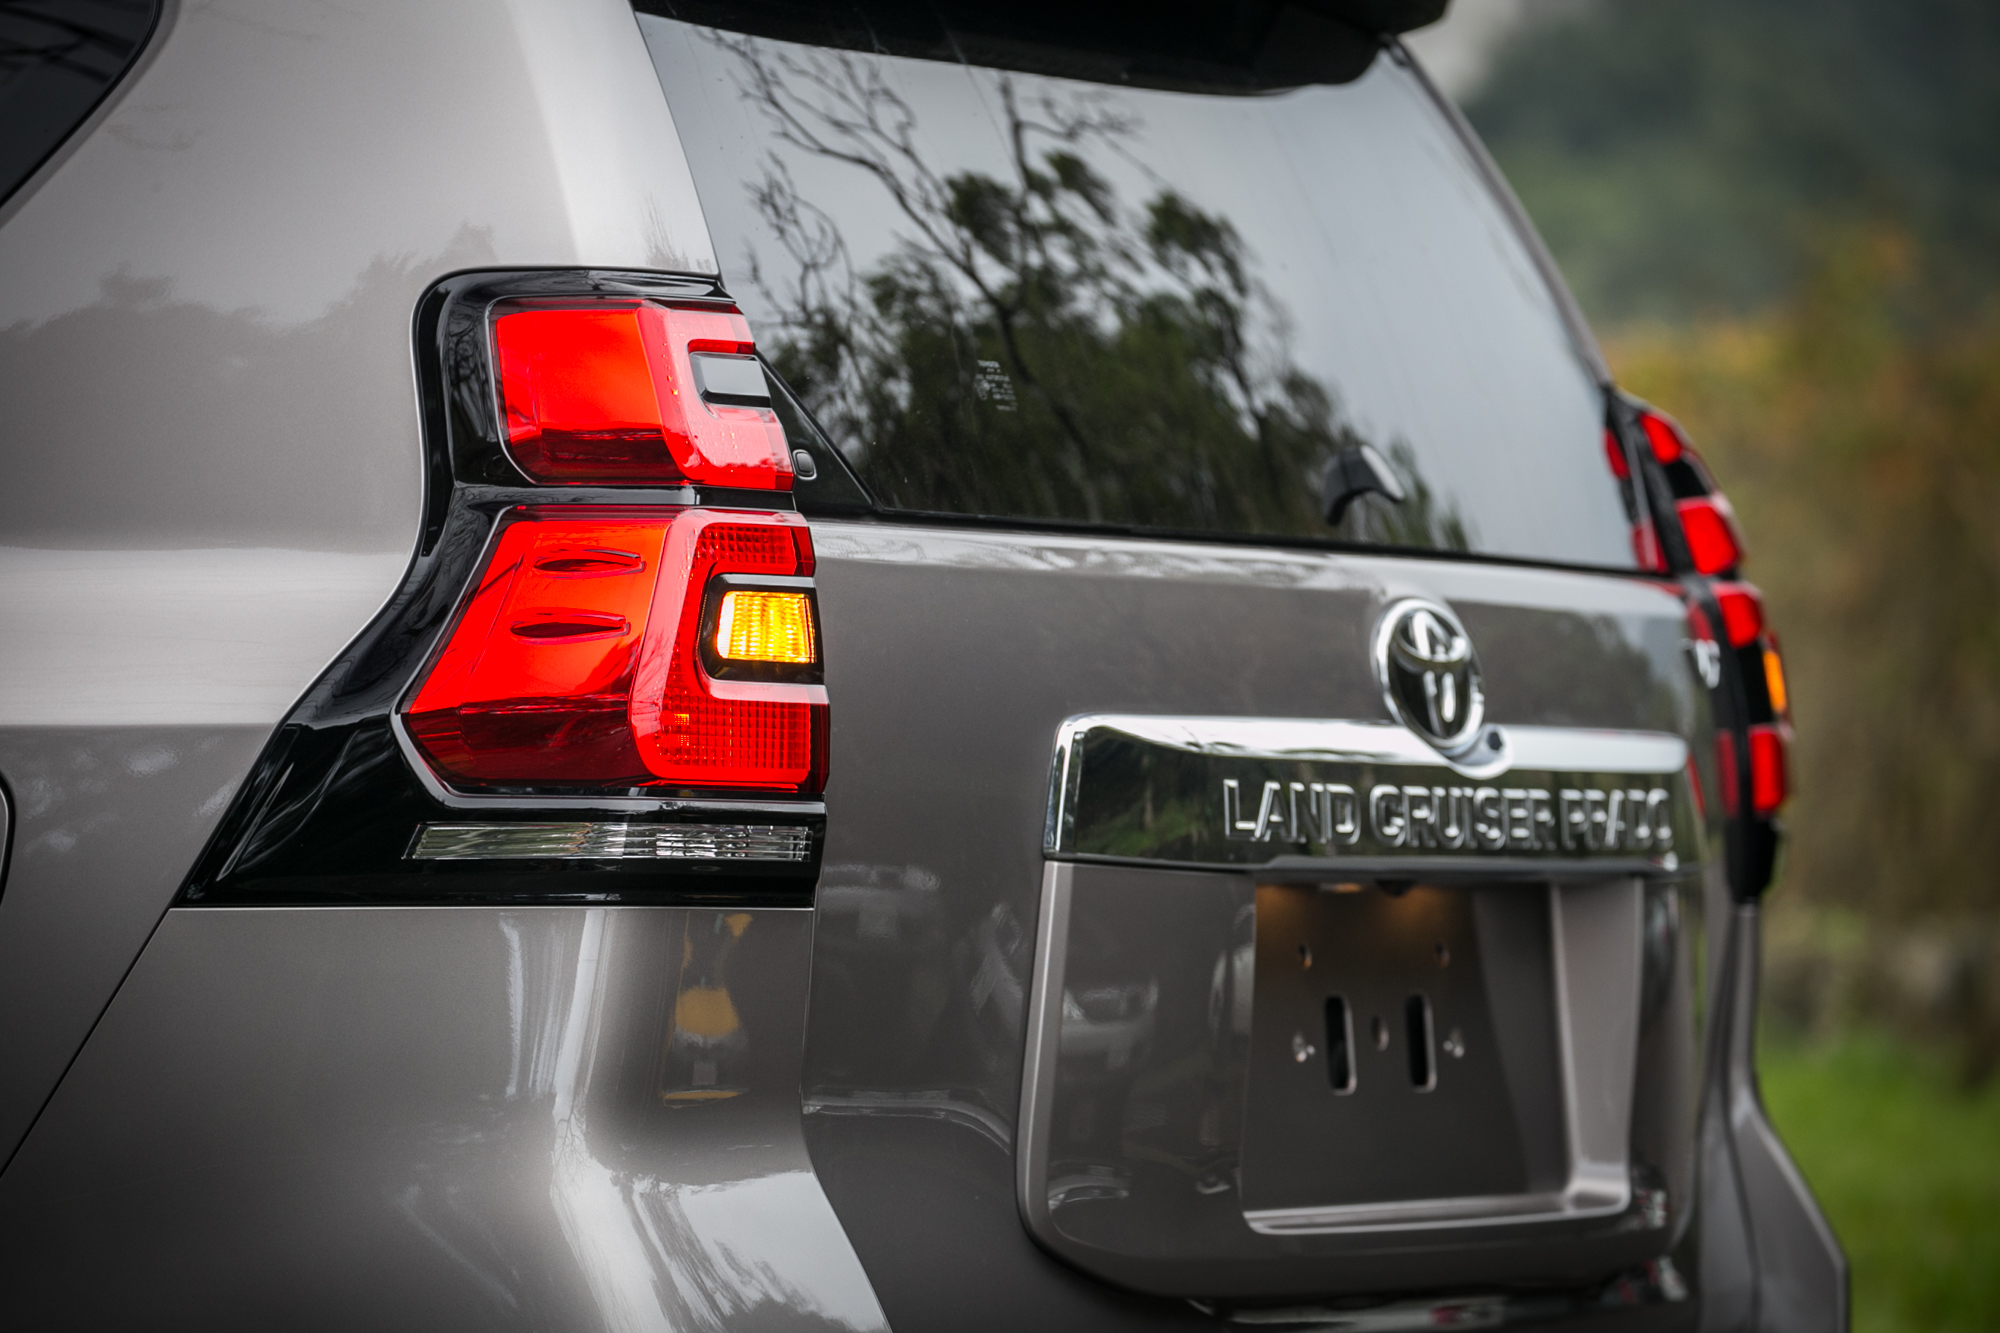 直立式 LED 尾燈為車尾特色之一。